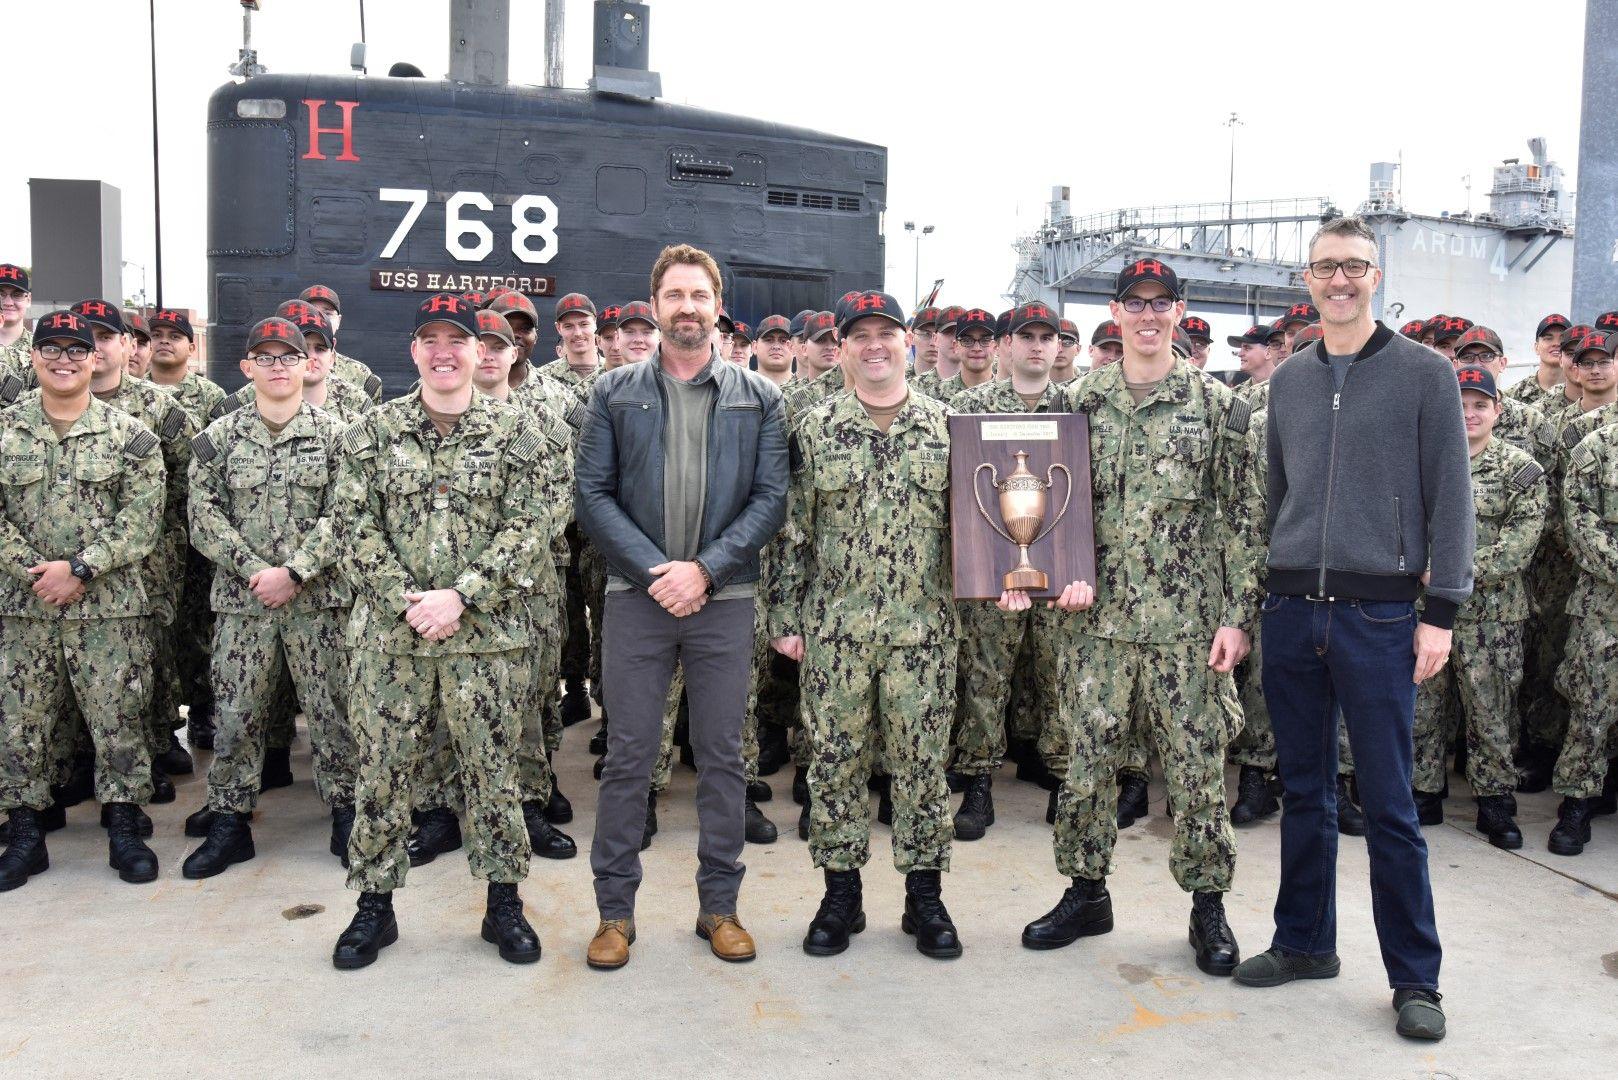 Джерард Бътлър на подготовка за филма във военноморска база във Великобритания